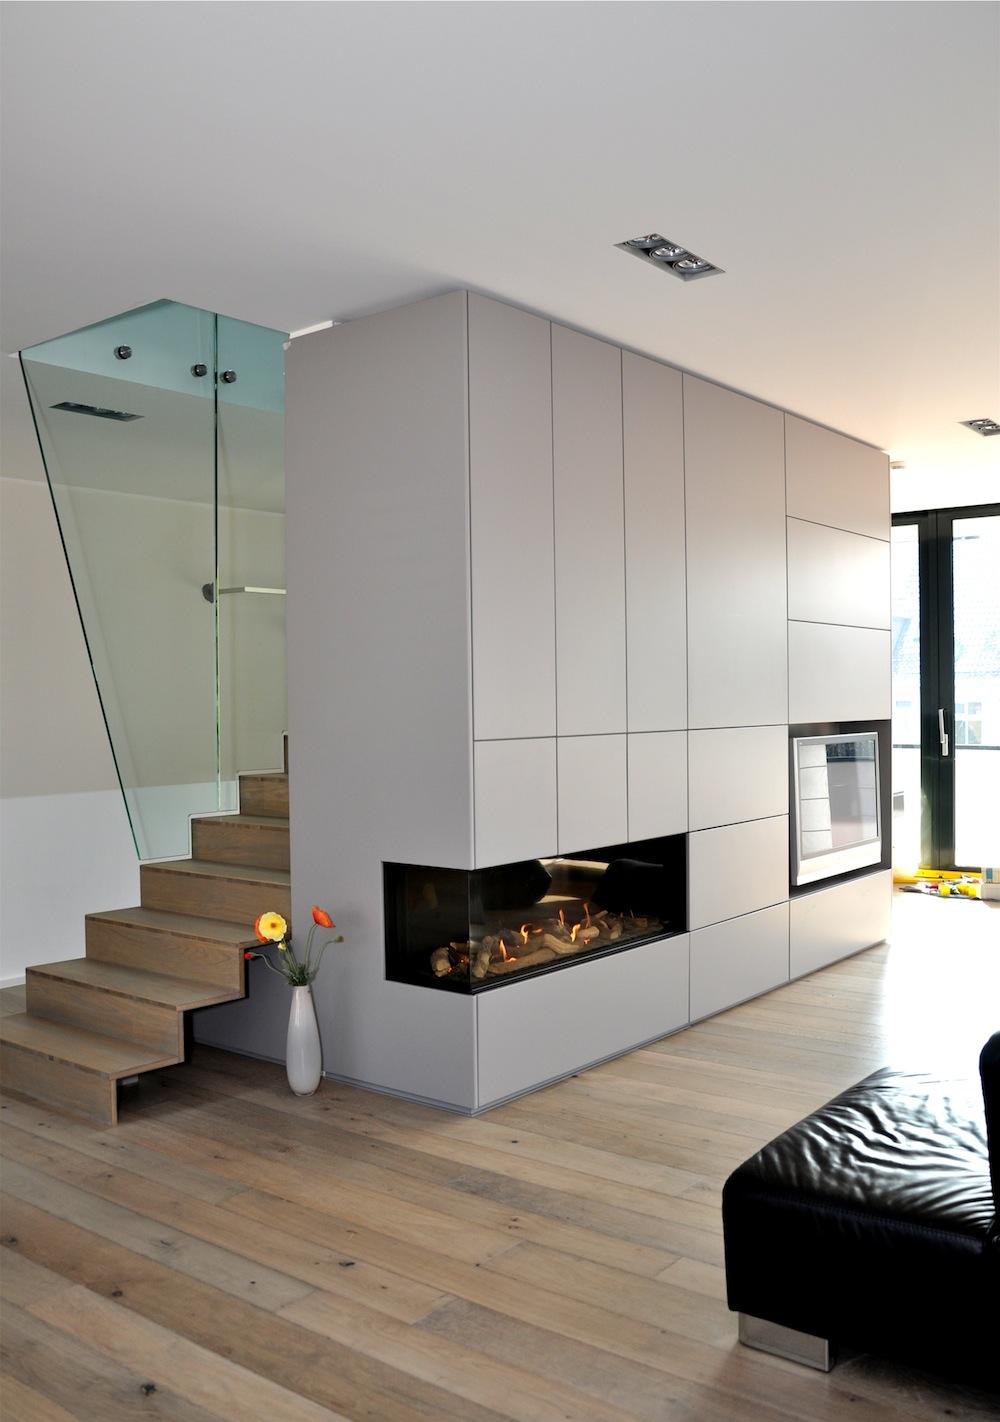 Kamine-zweiseitig-Glas-Bild-12